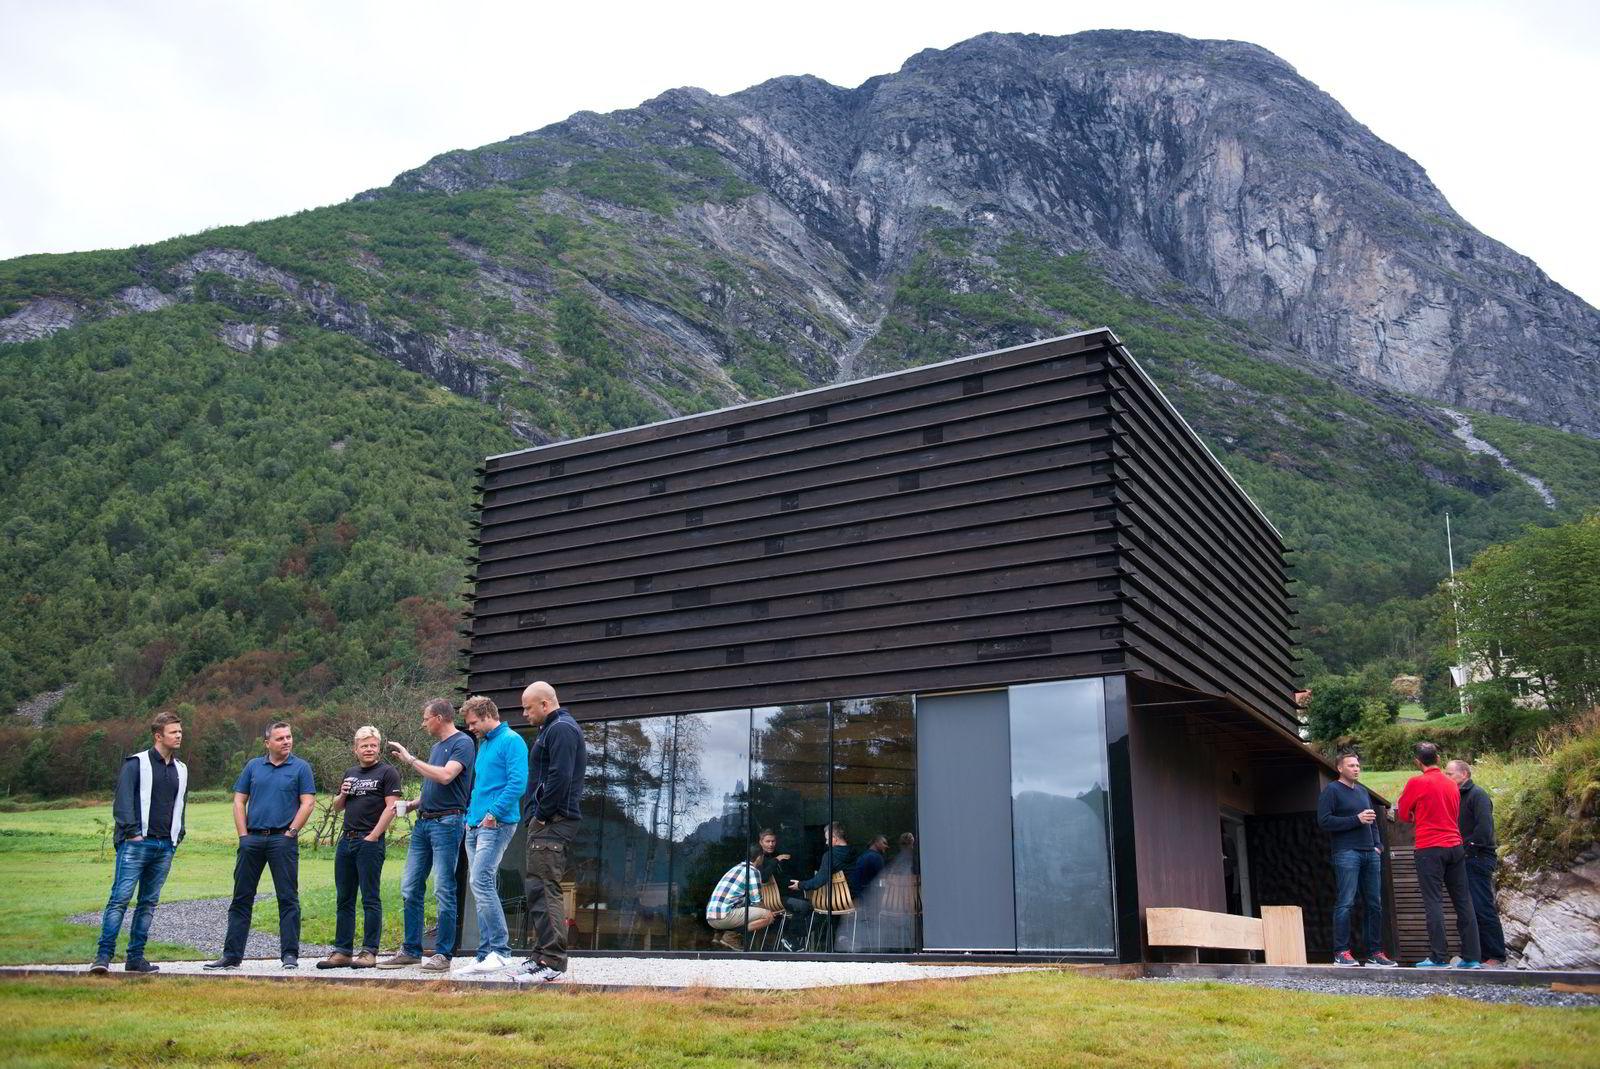 Ørjan Birkeland (til venstre),Trond E. Leikanger,Morten Glenna, Henning Andreas Pedersen,Andreas Nicolaysen og Roger André Solheim kikker på utsikten.